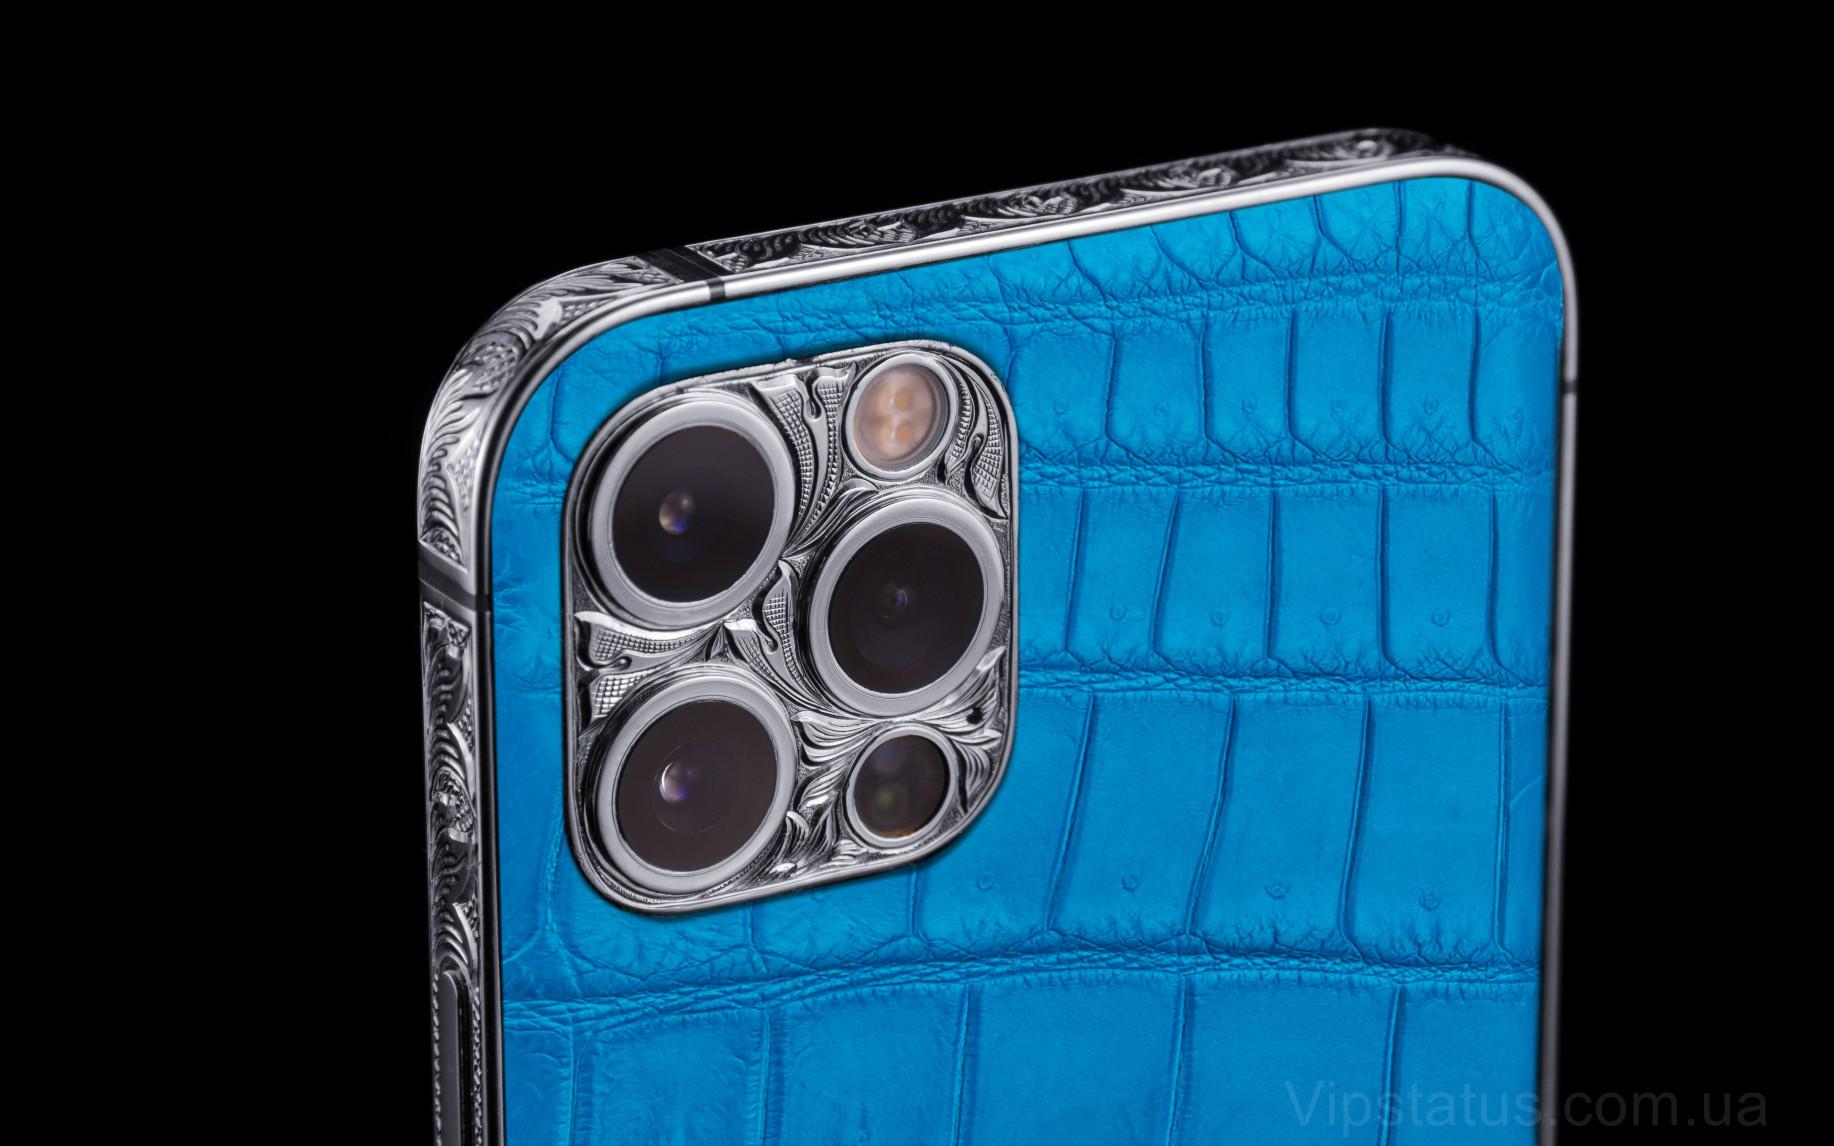 Elite Azure Queen Platinum IPHONE 12 PRO MAX 512 GB Azure Queen Platinum IPHONE 12 PRO MAX 512 GB image 2